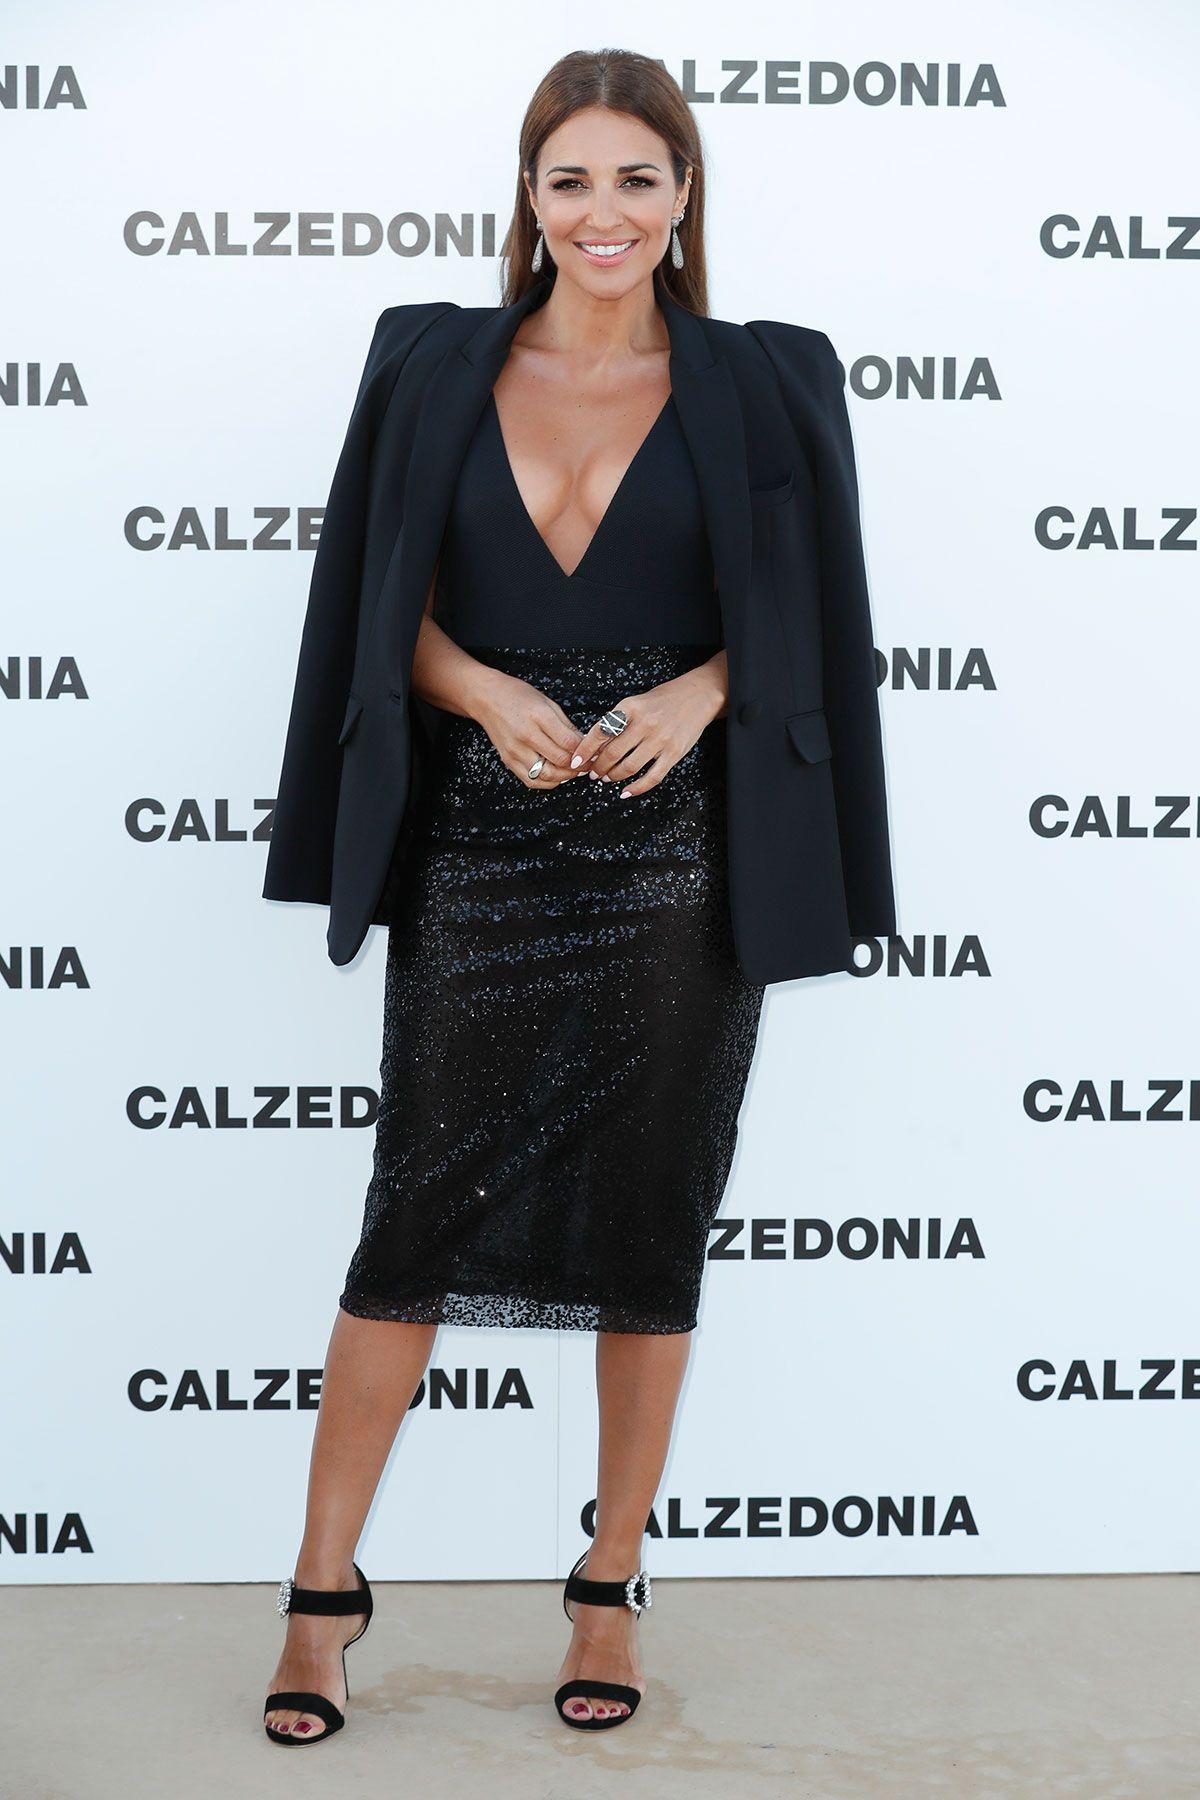 Rostros famosos como el de Sara Carbonero y Paula Echevarría se dan cita en Ibiza para asistir al desfile de Calzedonia.